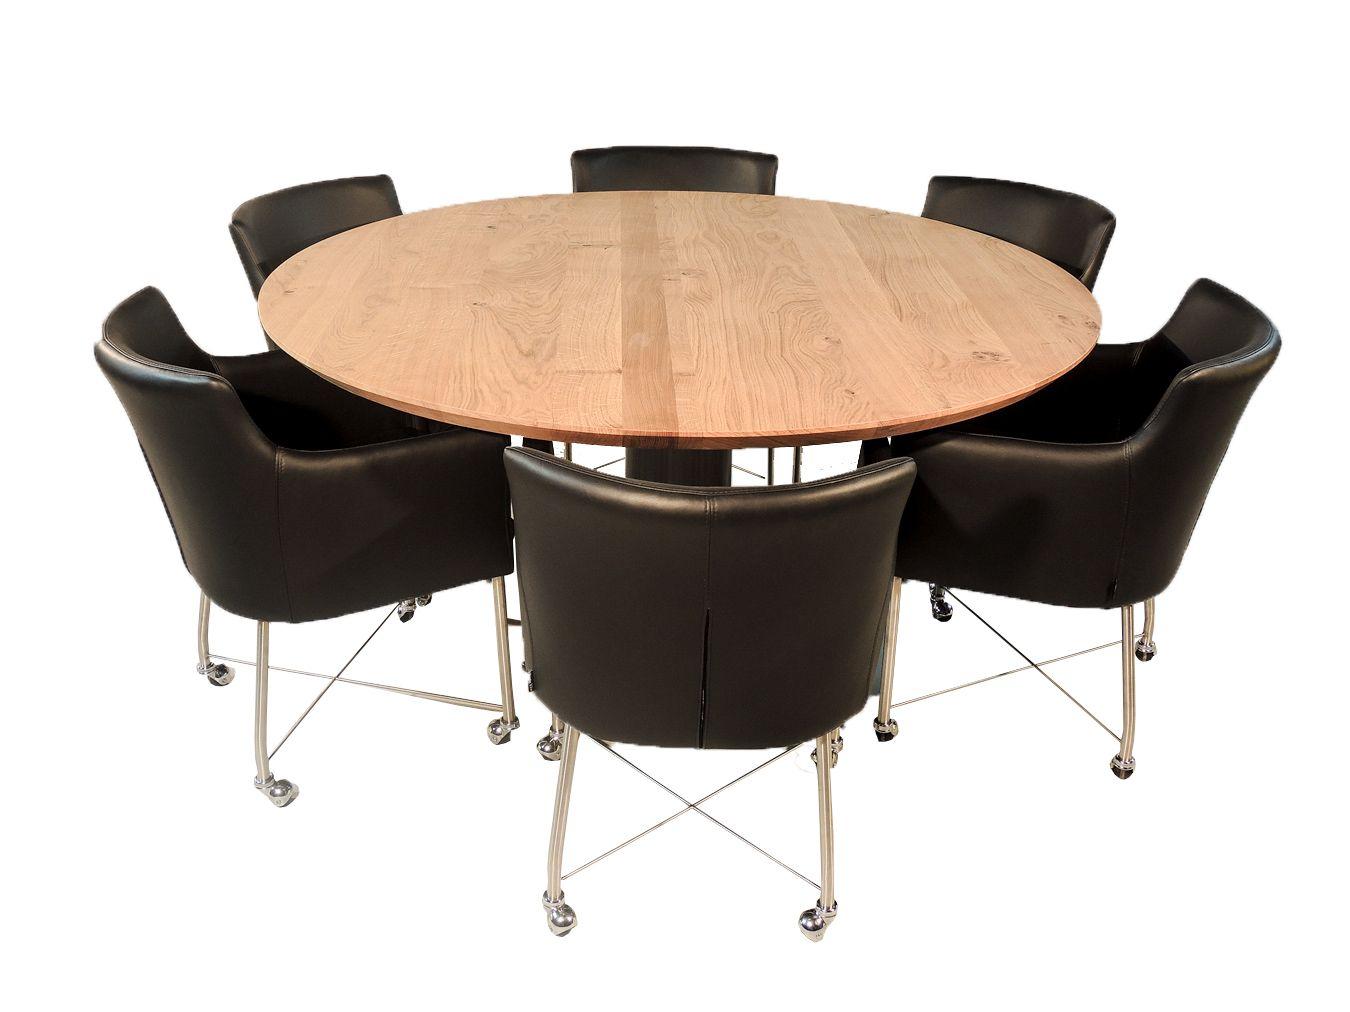 madison ronde eettafel voor 6 personen rond tafel 6personen eethoek pinterest eettafel. Black Bedroom Furniture Sets. Home Design Ideas